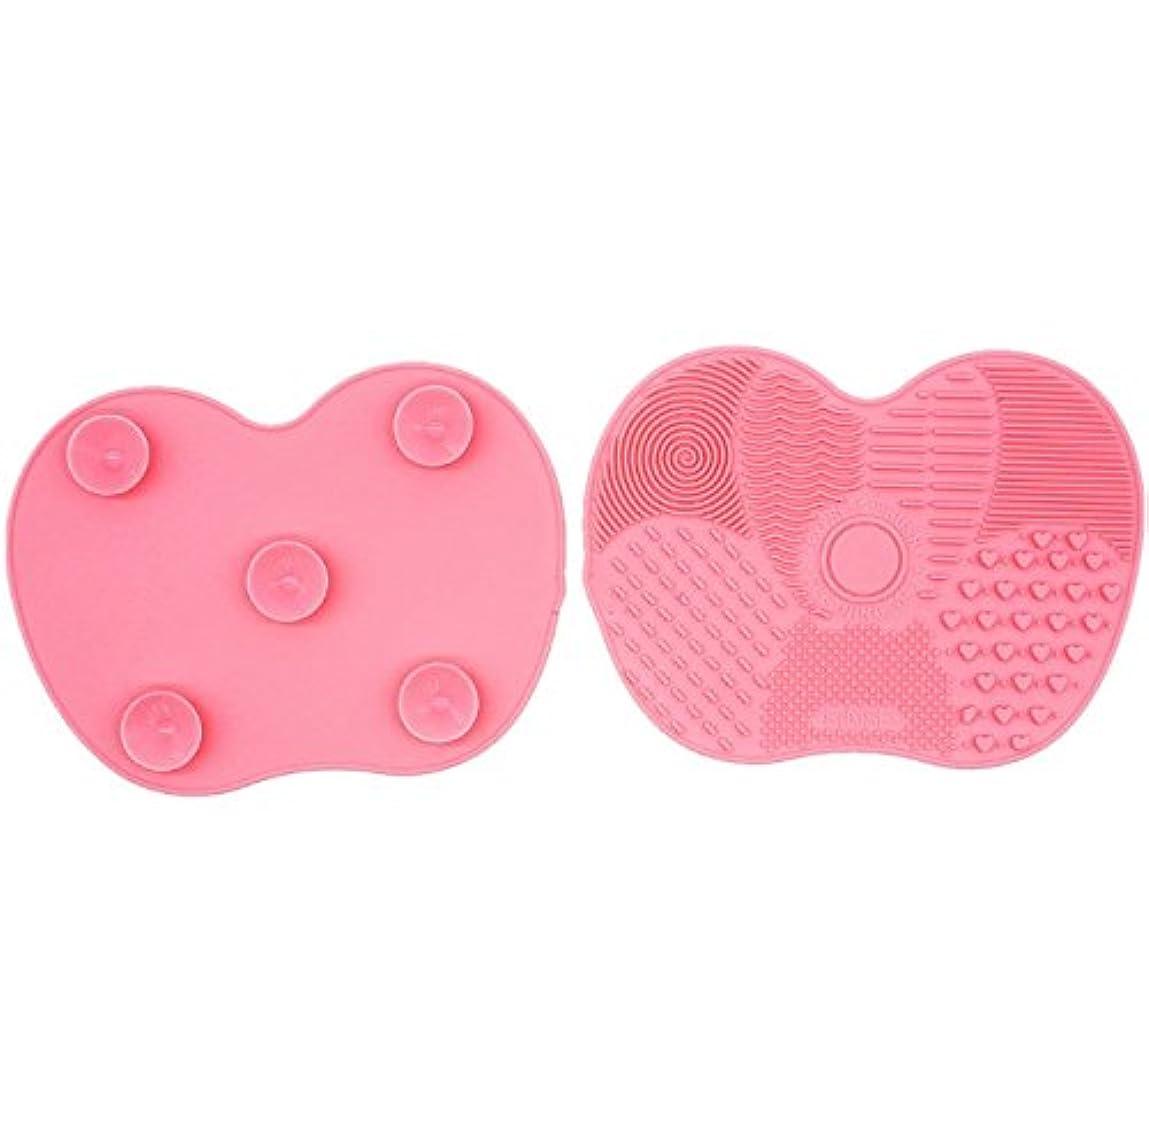 聴くカフェ電卓Keepjoy シリコンメイクブラシクリーニングマット シリコン洗濯板 化粧ファンデーションブラシ 化粧ツールクリーナー 化粧筆洗う (ピンク)